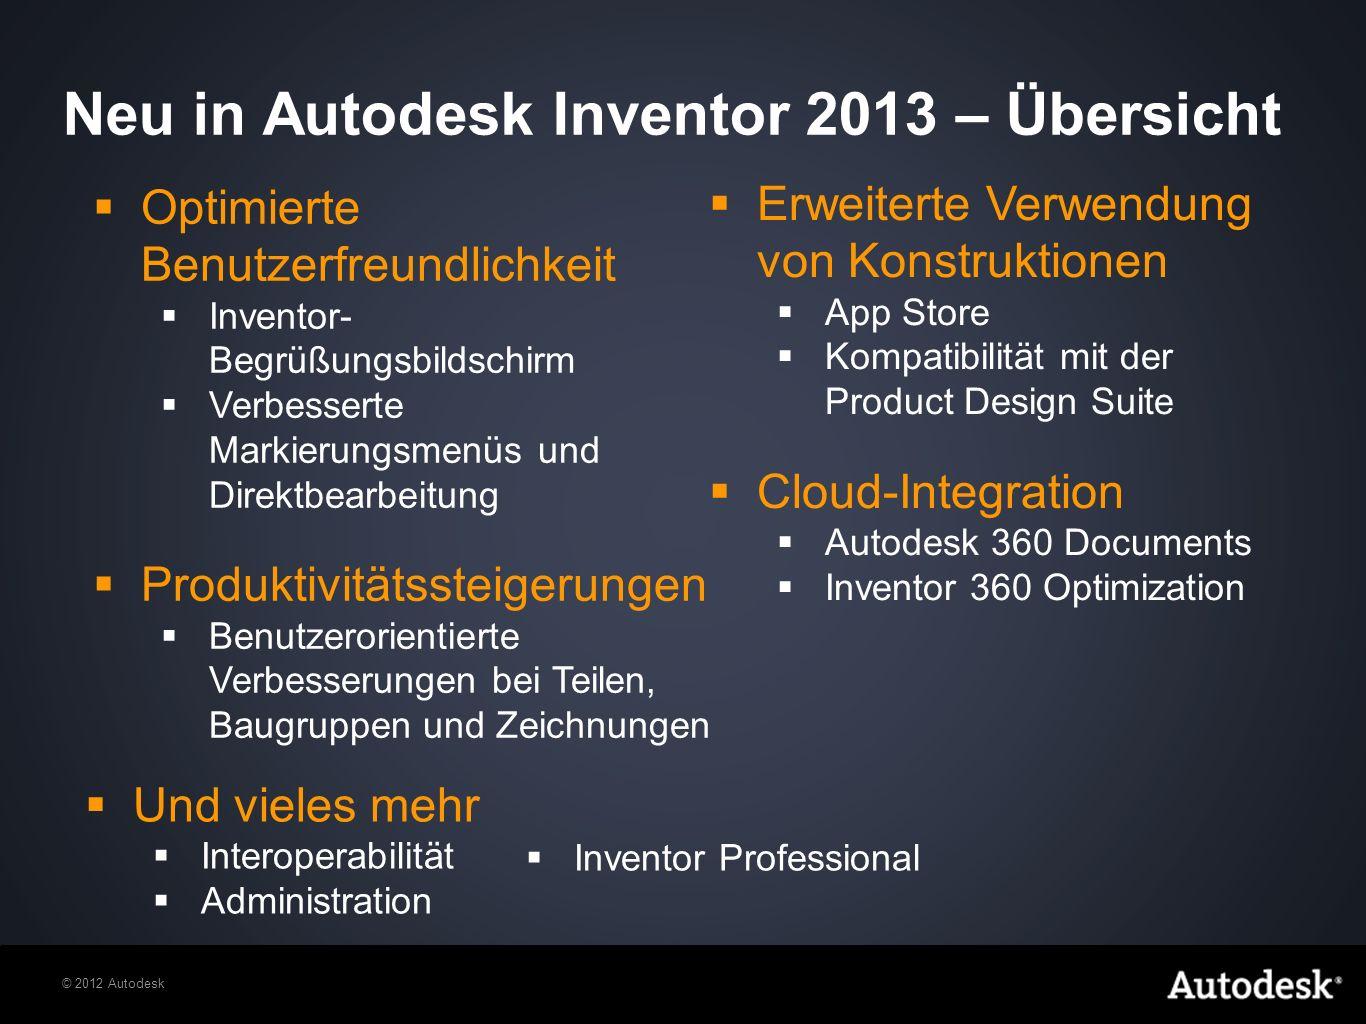 Neu in Autodesk Inventor 2013 – Übersicht